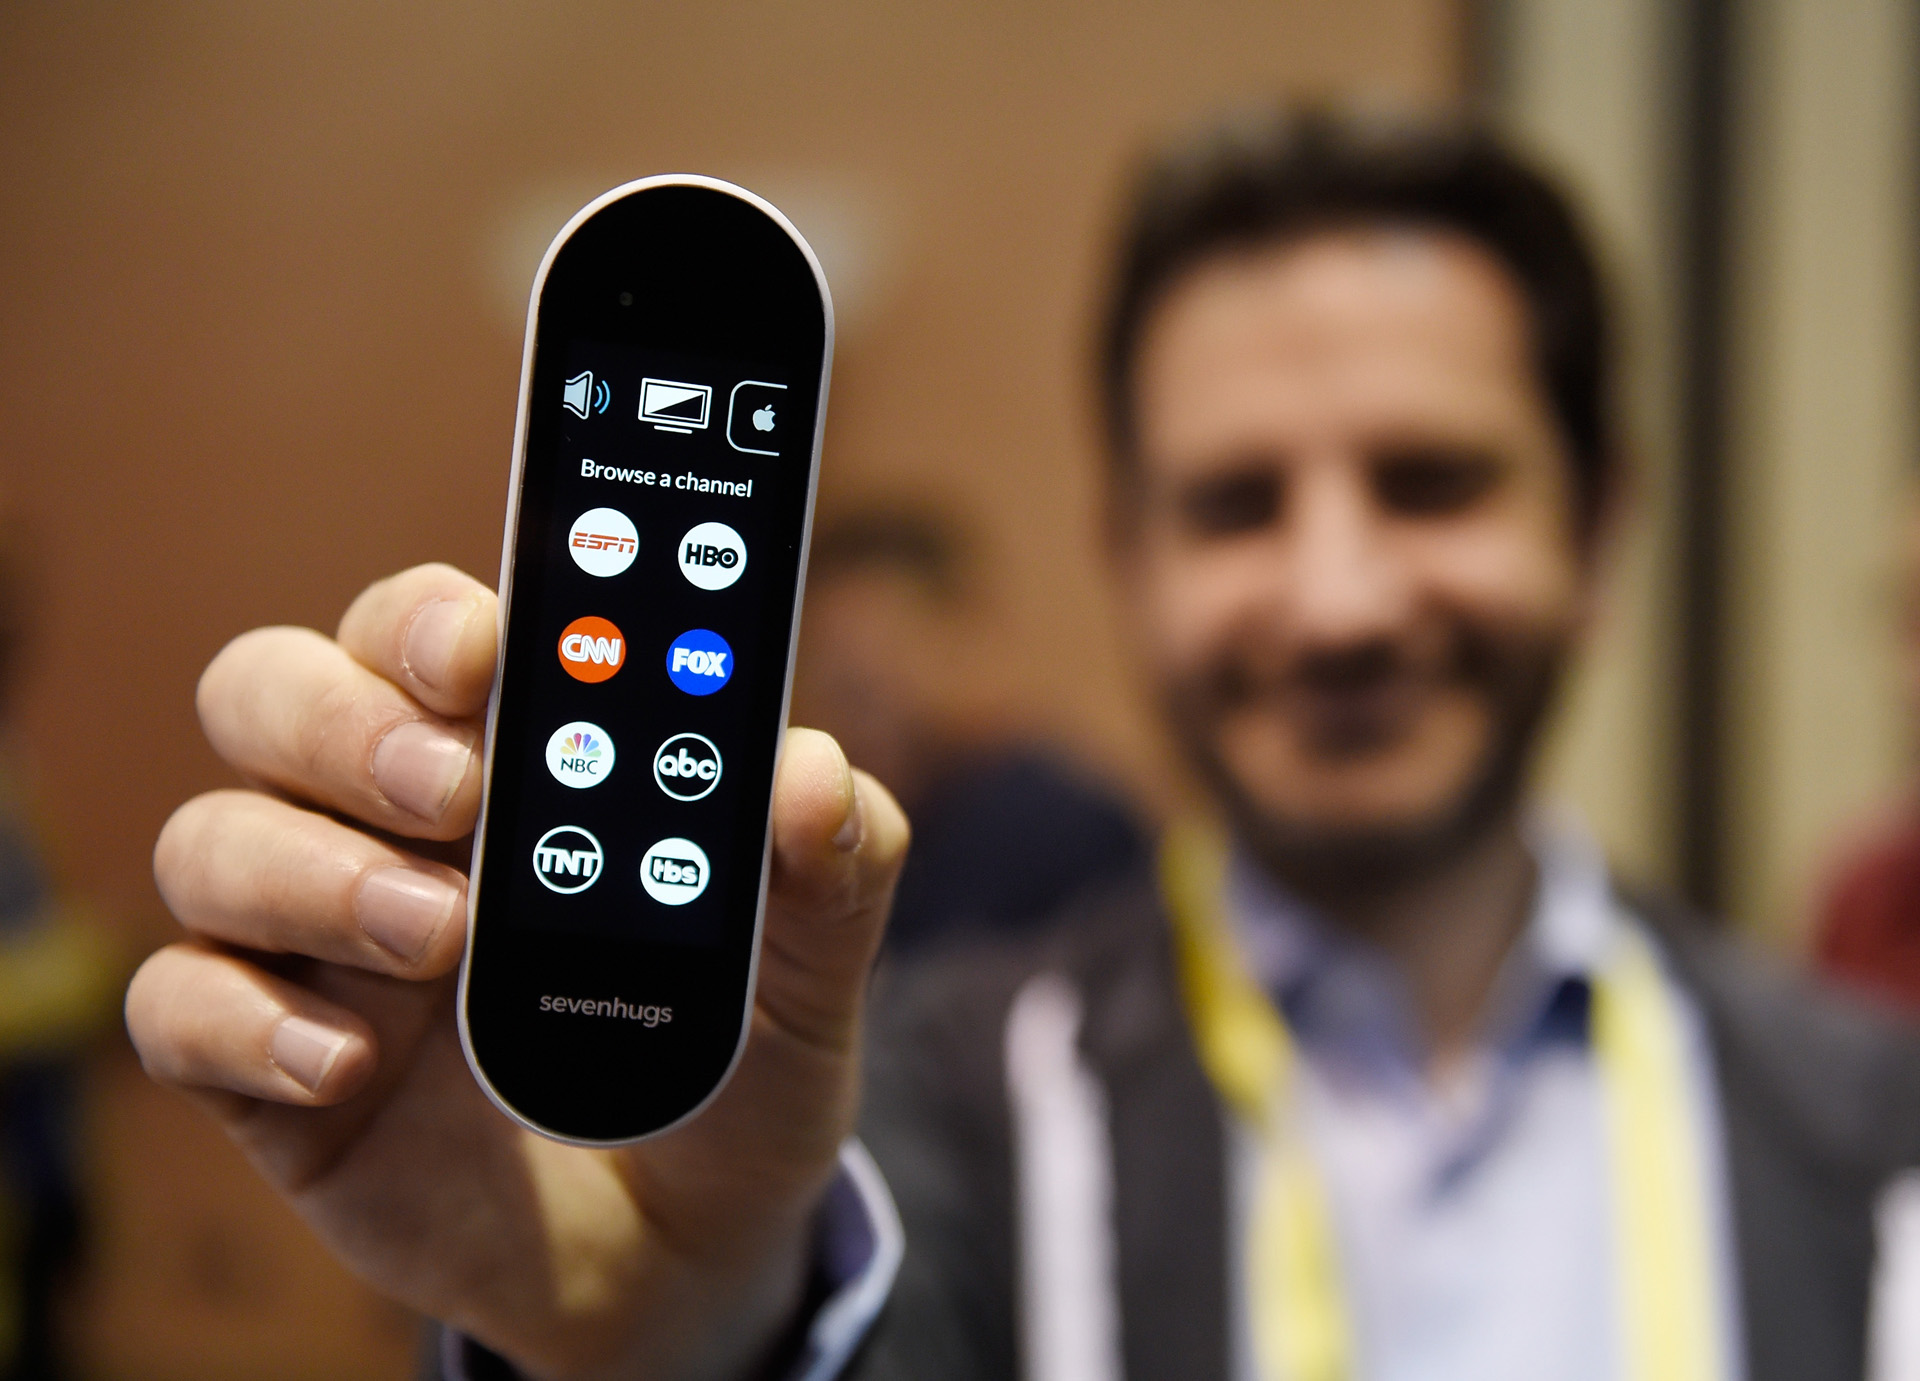 El control remoto multiuso Sevenhugs es un control universal que permite operar varios electrodomésticos desde un mismo lugar (David Becker/Getty Images/AFP)